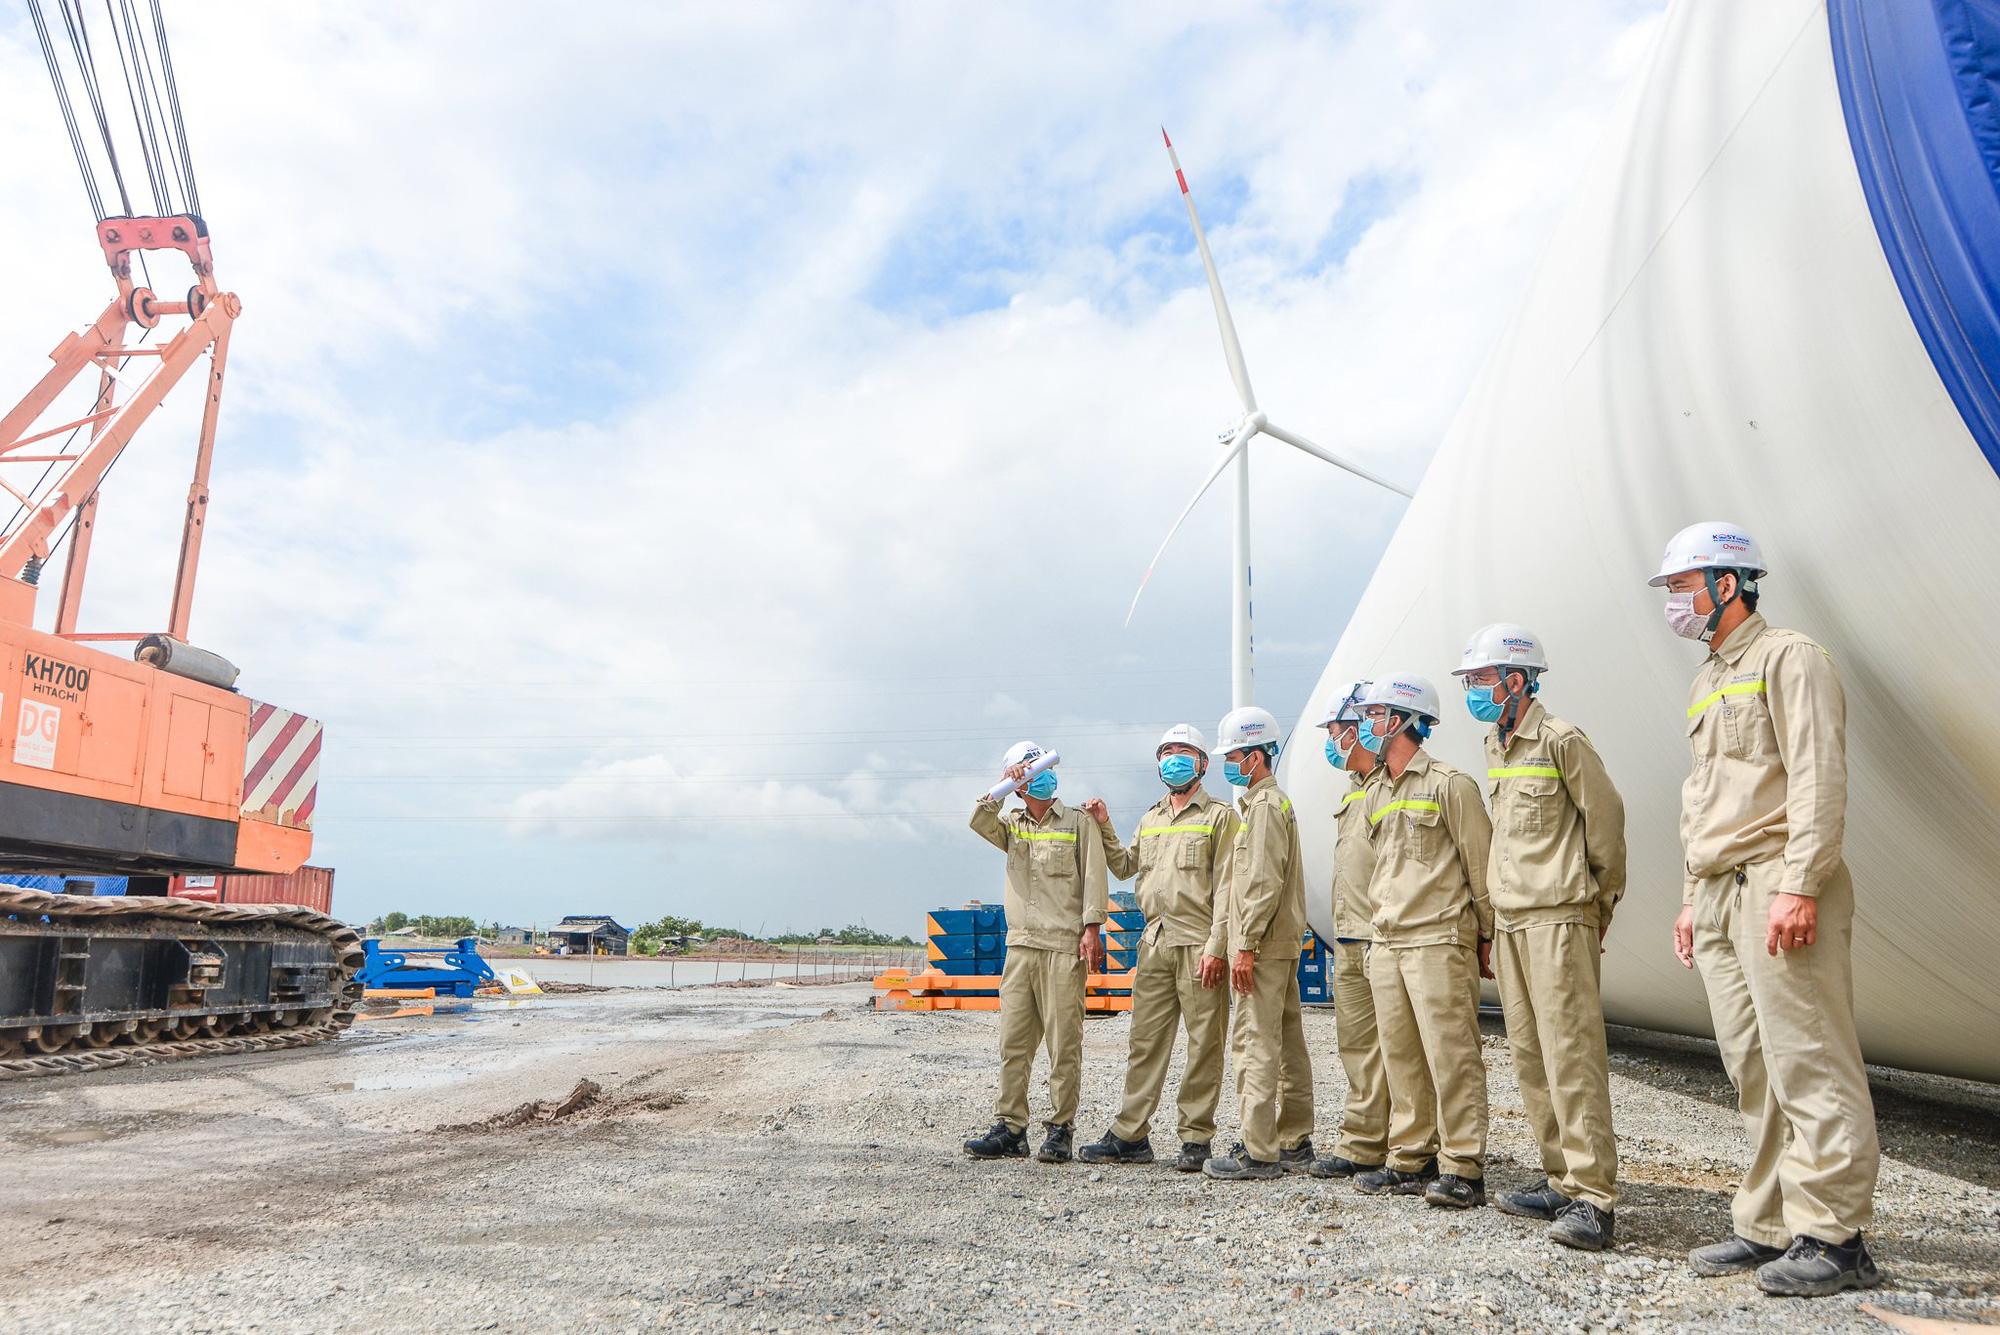 Nhà máy điện gió Kosy Bạc Liêu: Tăng tốc về đích, đảm bảo phòng chống dịch Covid-19 - Ảnh 3.